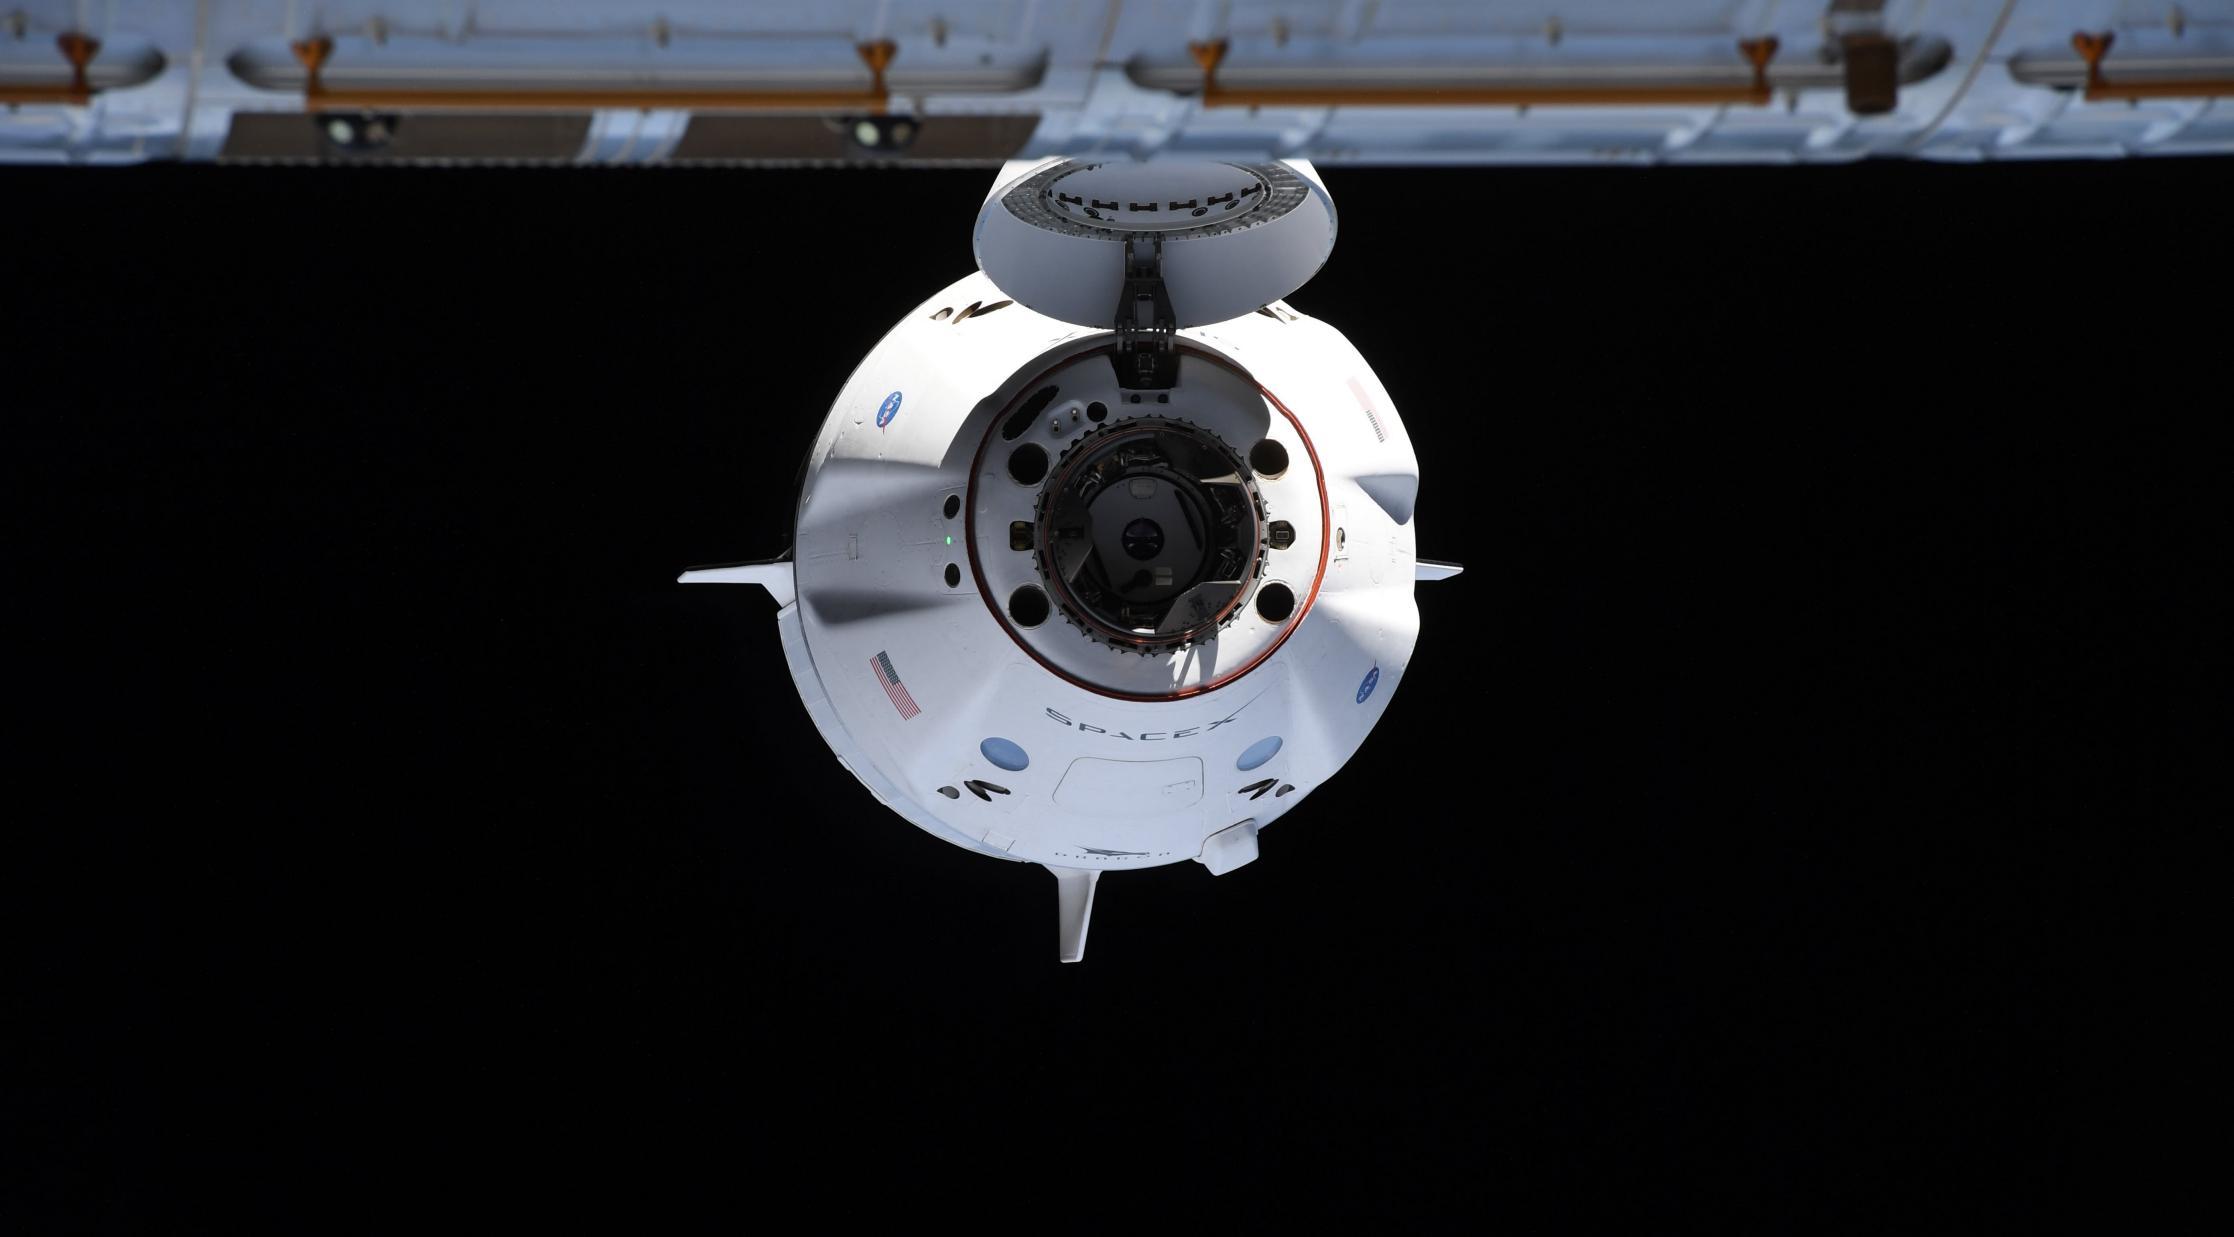 Crew-2 Crew Dragon C206 orbit ops 042421 (NASA) ISS arrival 3 crop (c)